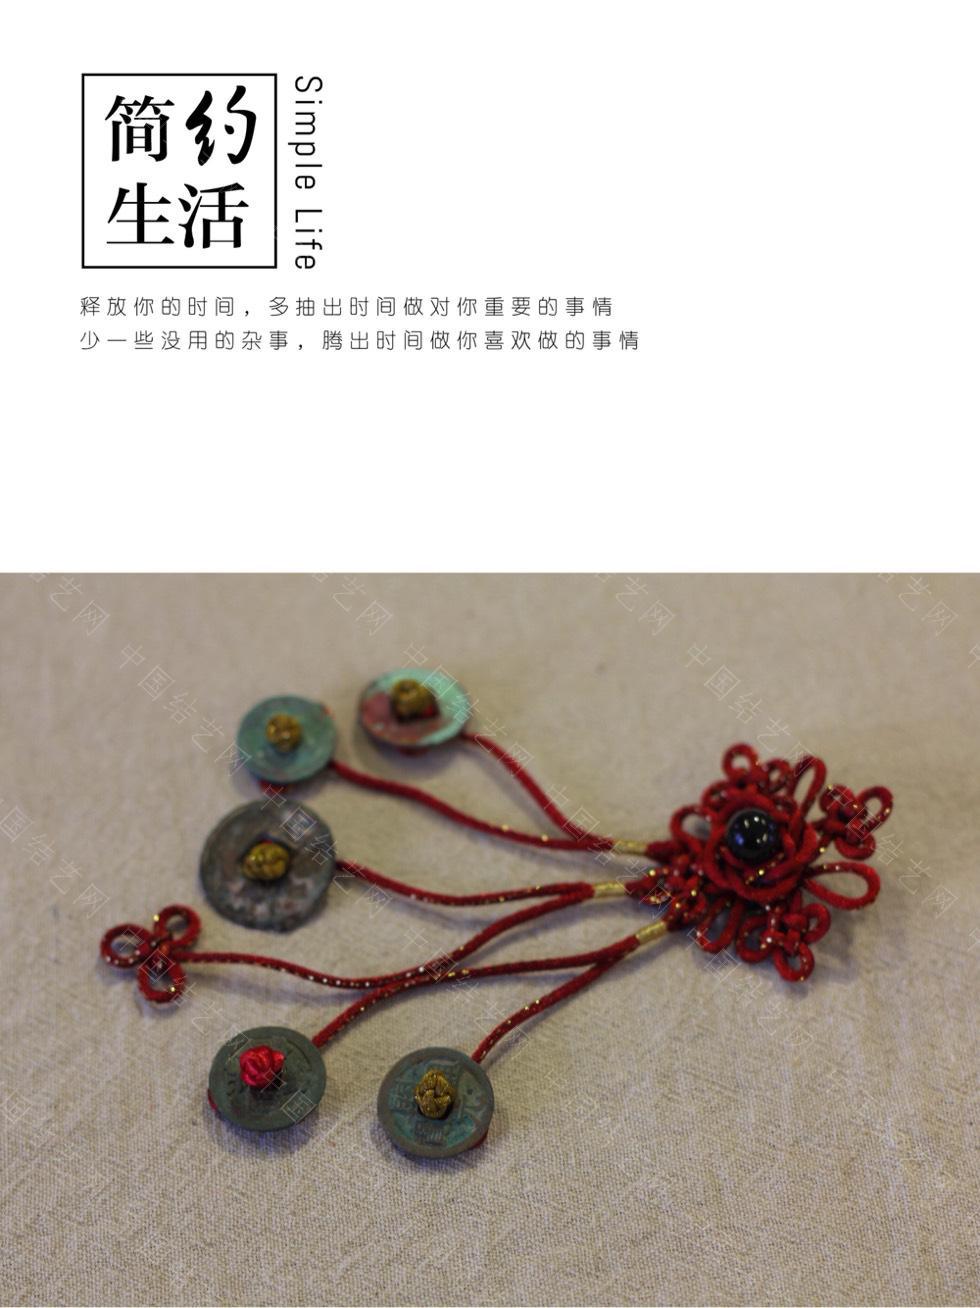 中国结论坛 古币流光岁月深  作品展示 225312hrrsshyyh39rq7t0